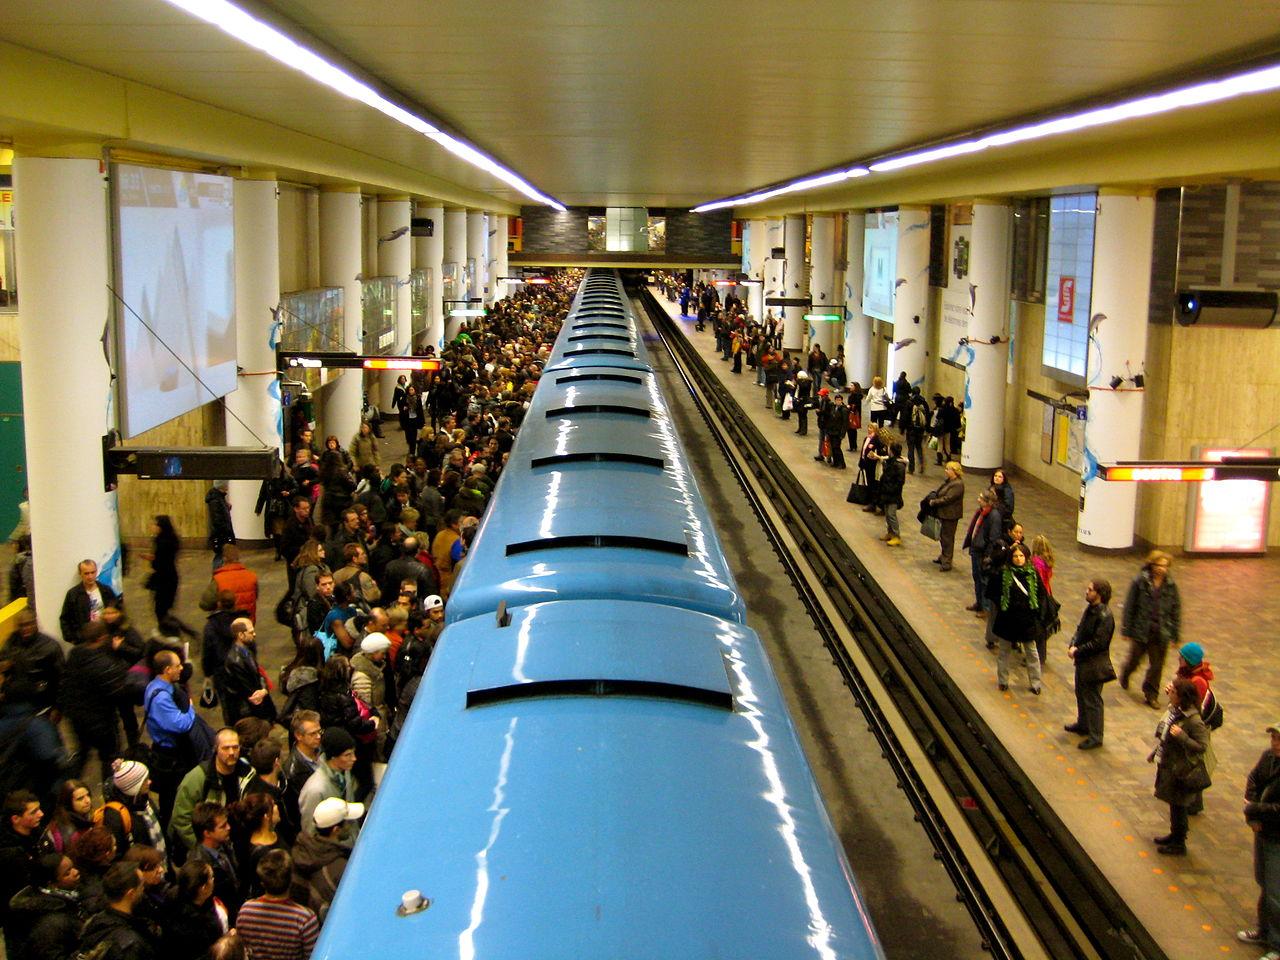 Le métro de Montréal Photo: Wikimedia